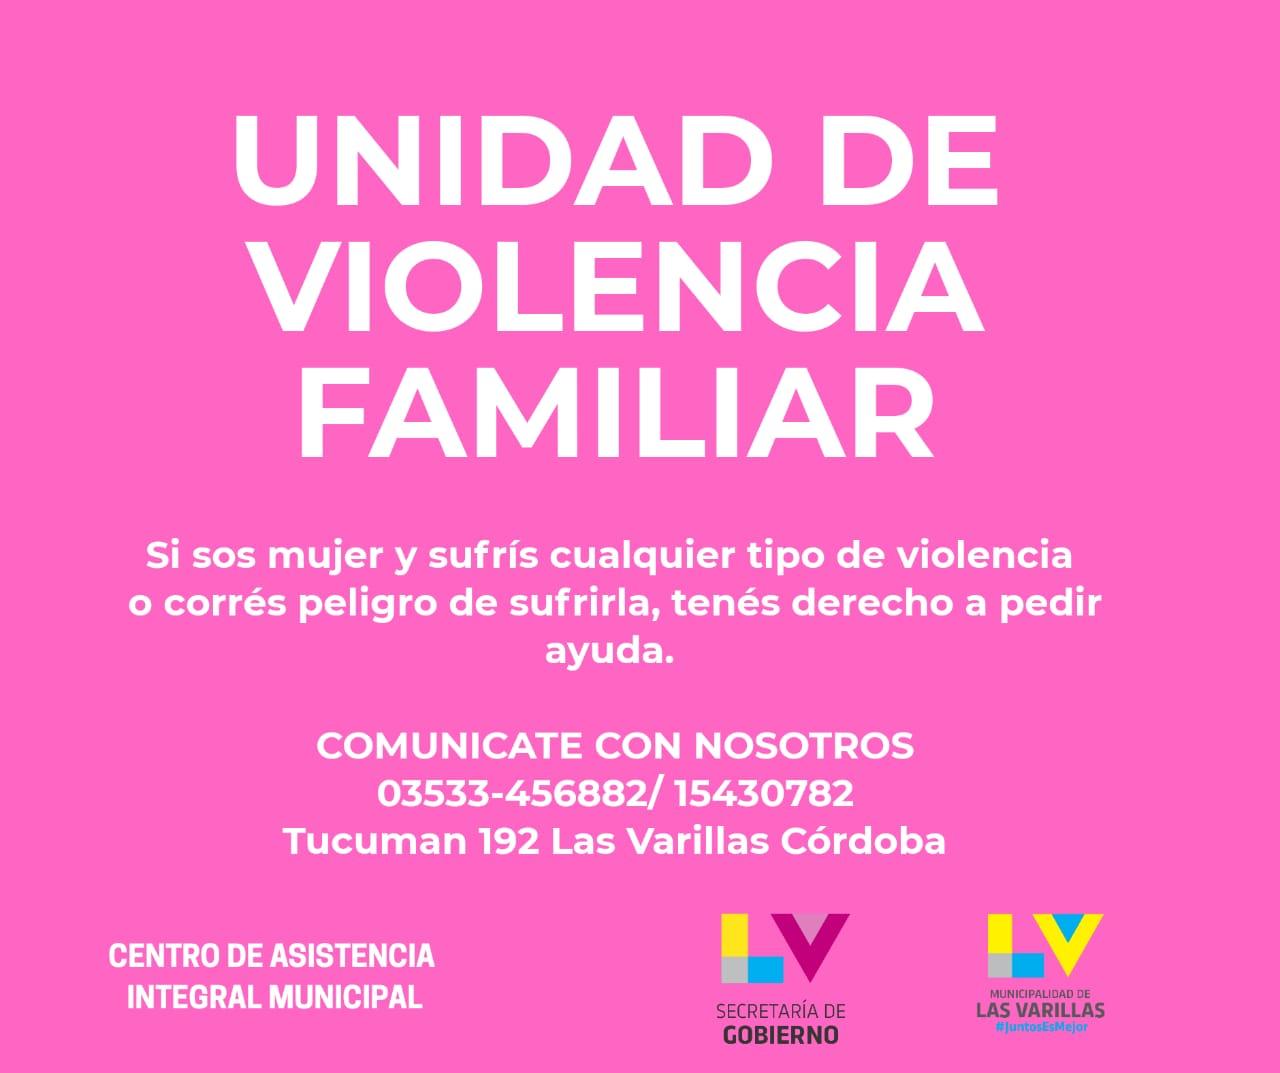 Unidad de Violencia Familiar